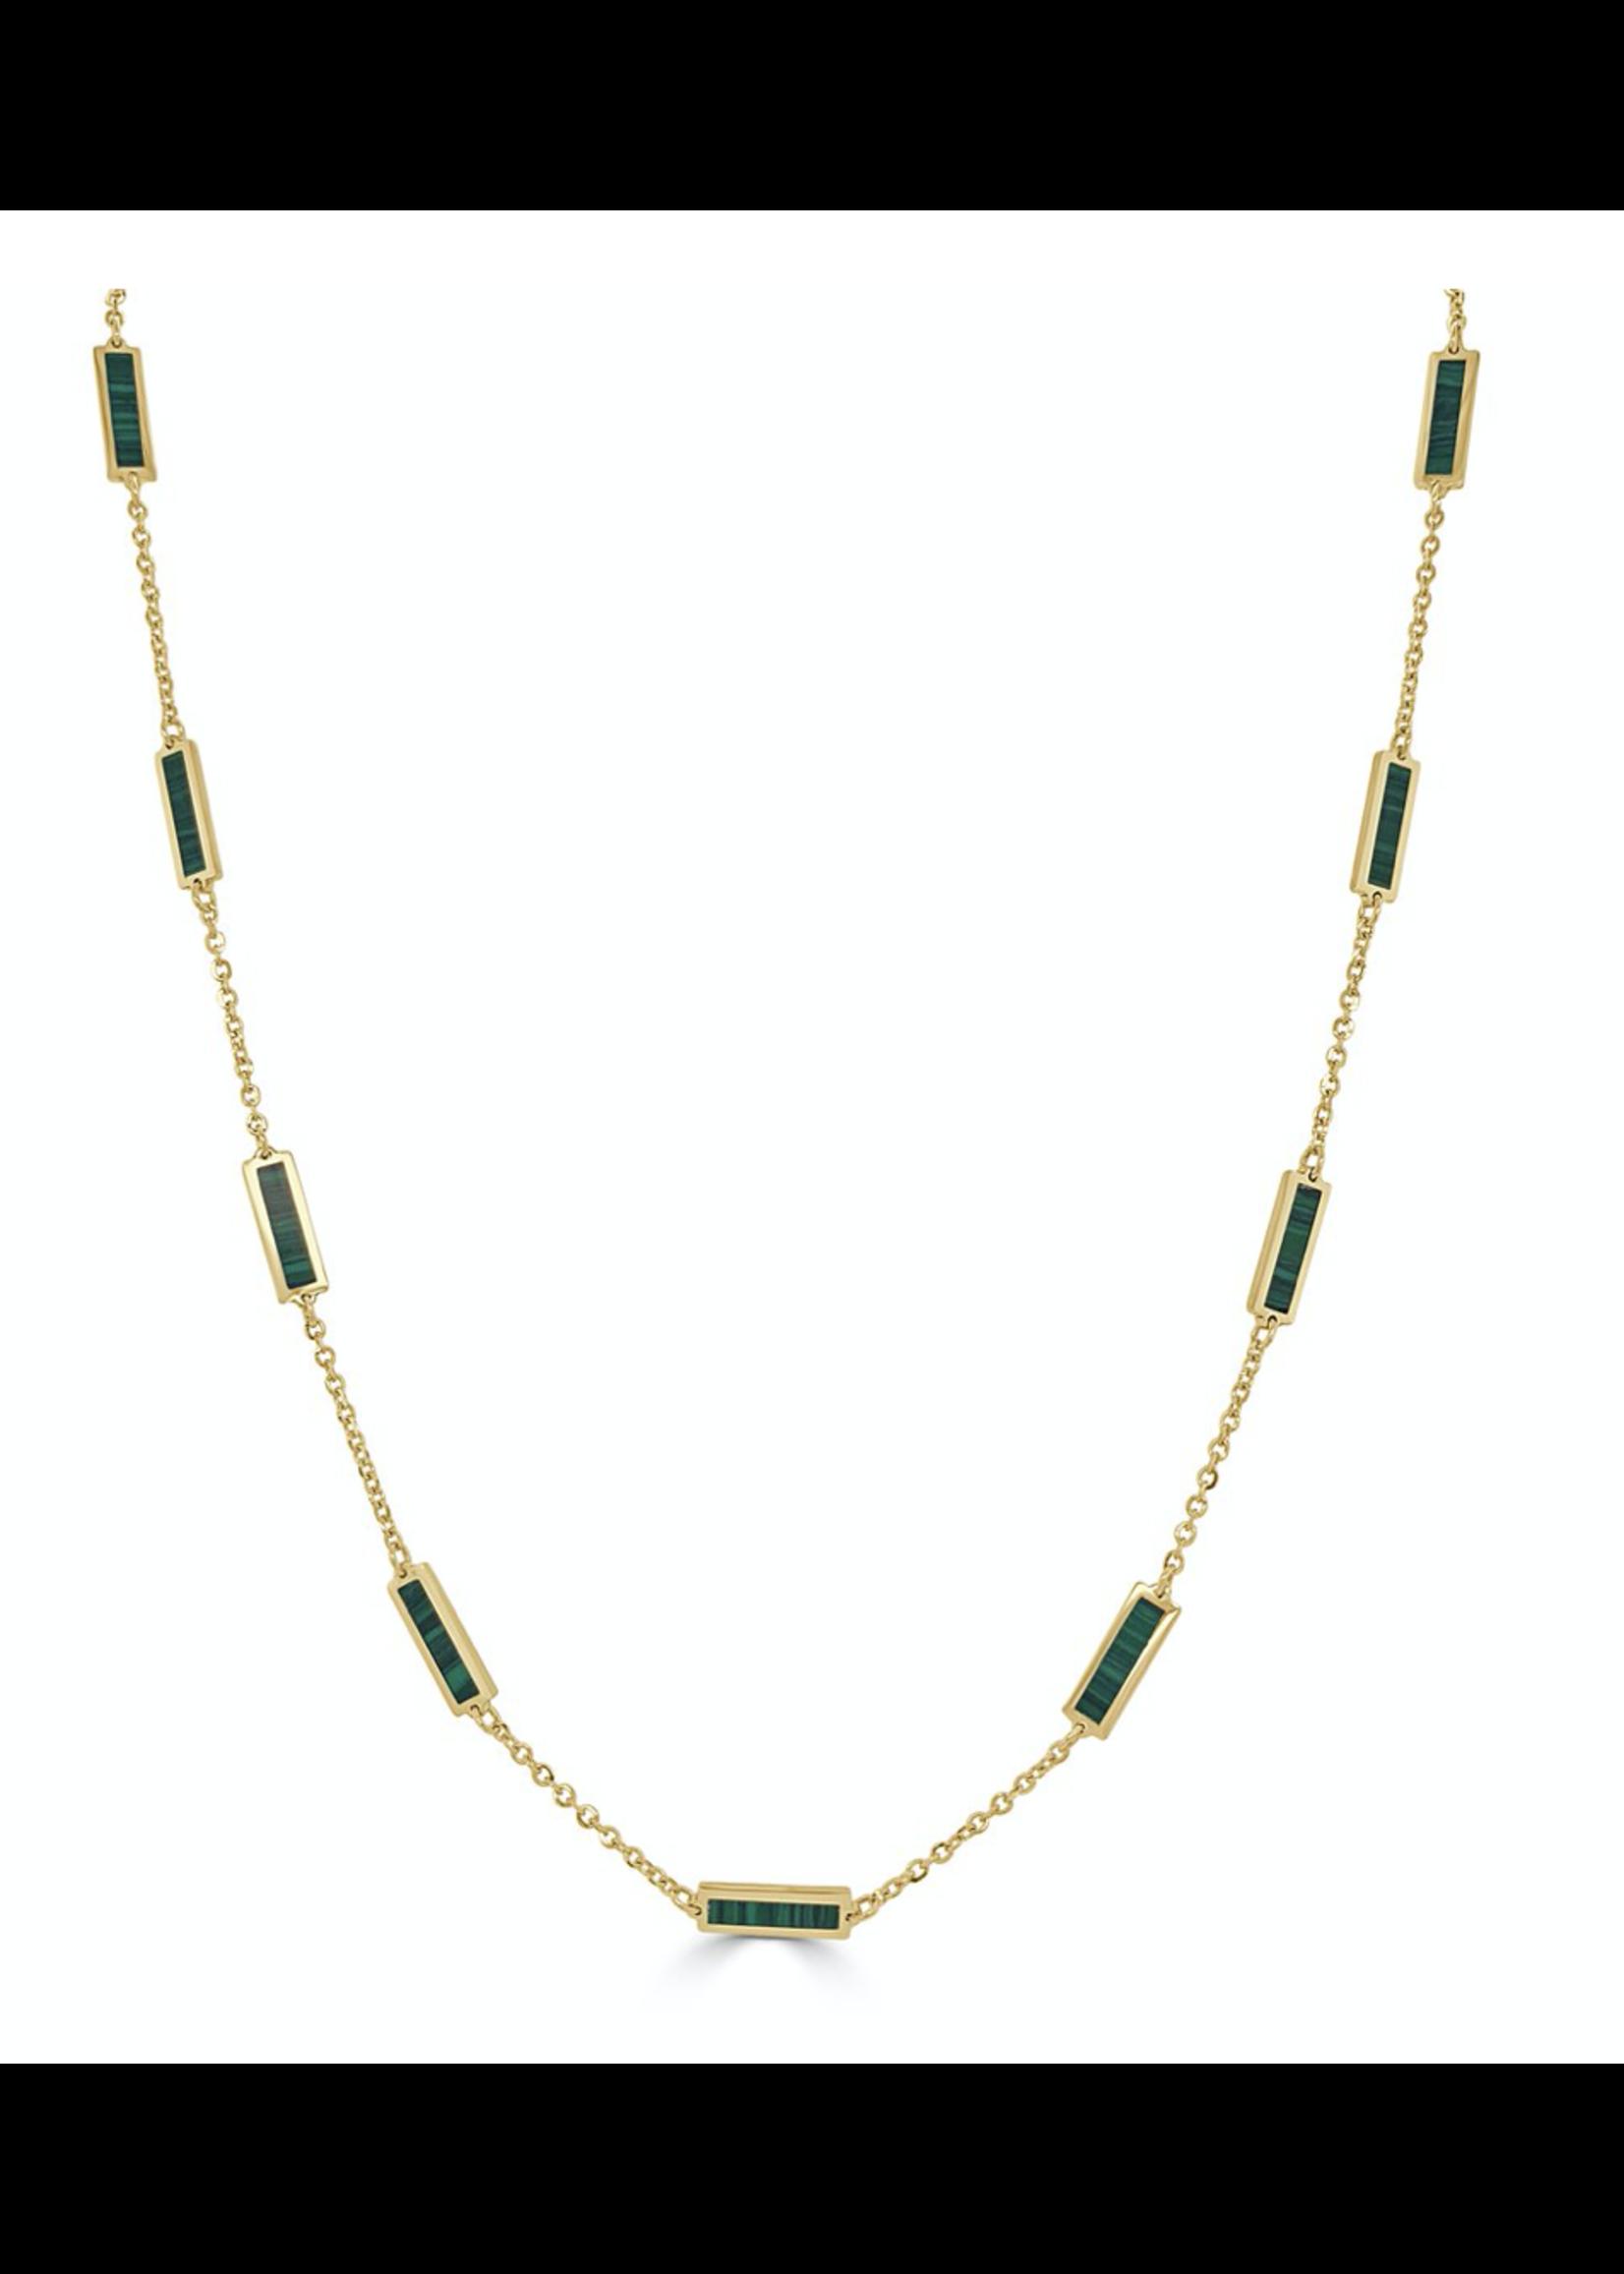 Jill Alberts Malachite Station Bar Necklace